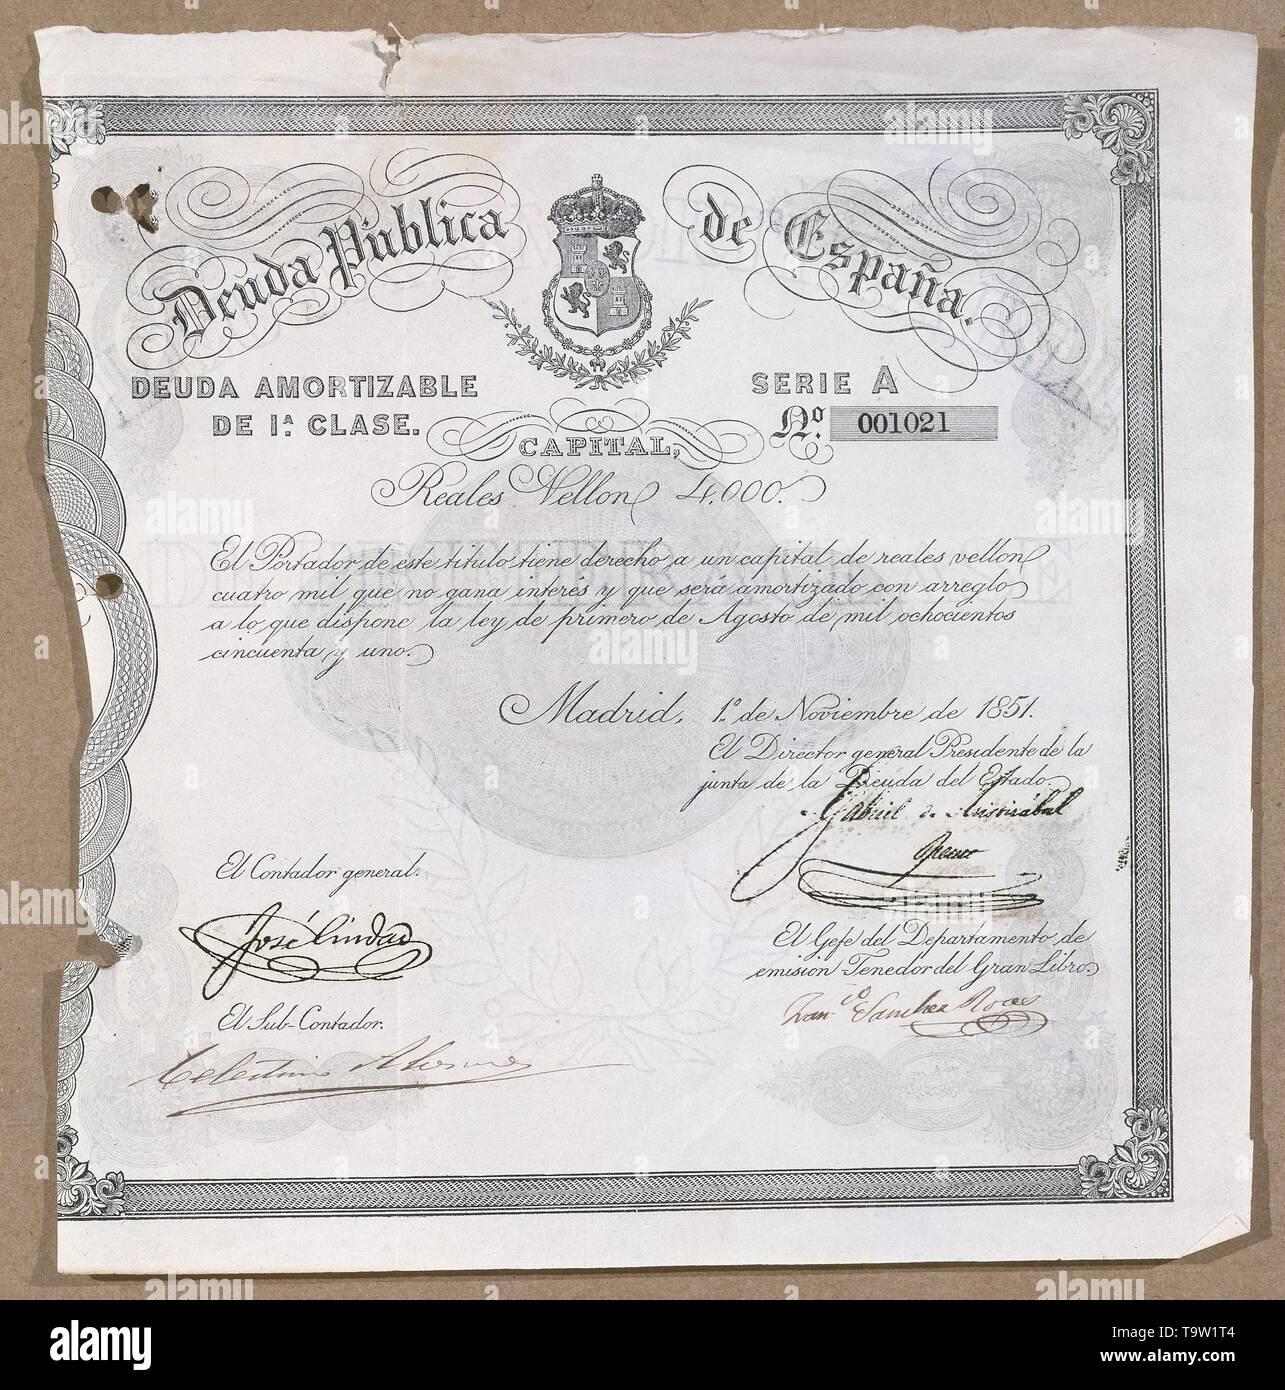 DEUDA PUBLICA ESPAÑA AKORTIZABLE 1 CLASE NOVIEMBRE 1851. Location: BOLSA DE COMERCIO-COLECCION. MADRID. SPAIN. - Stock Image